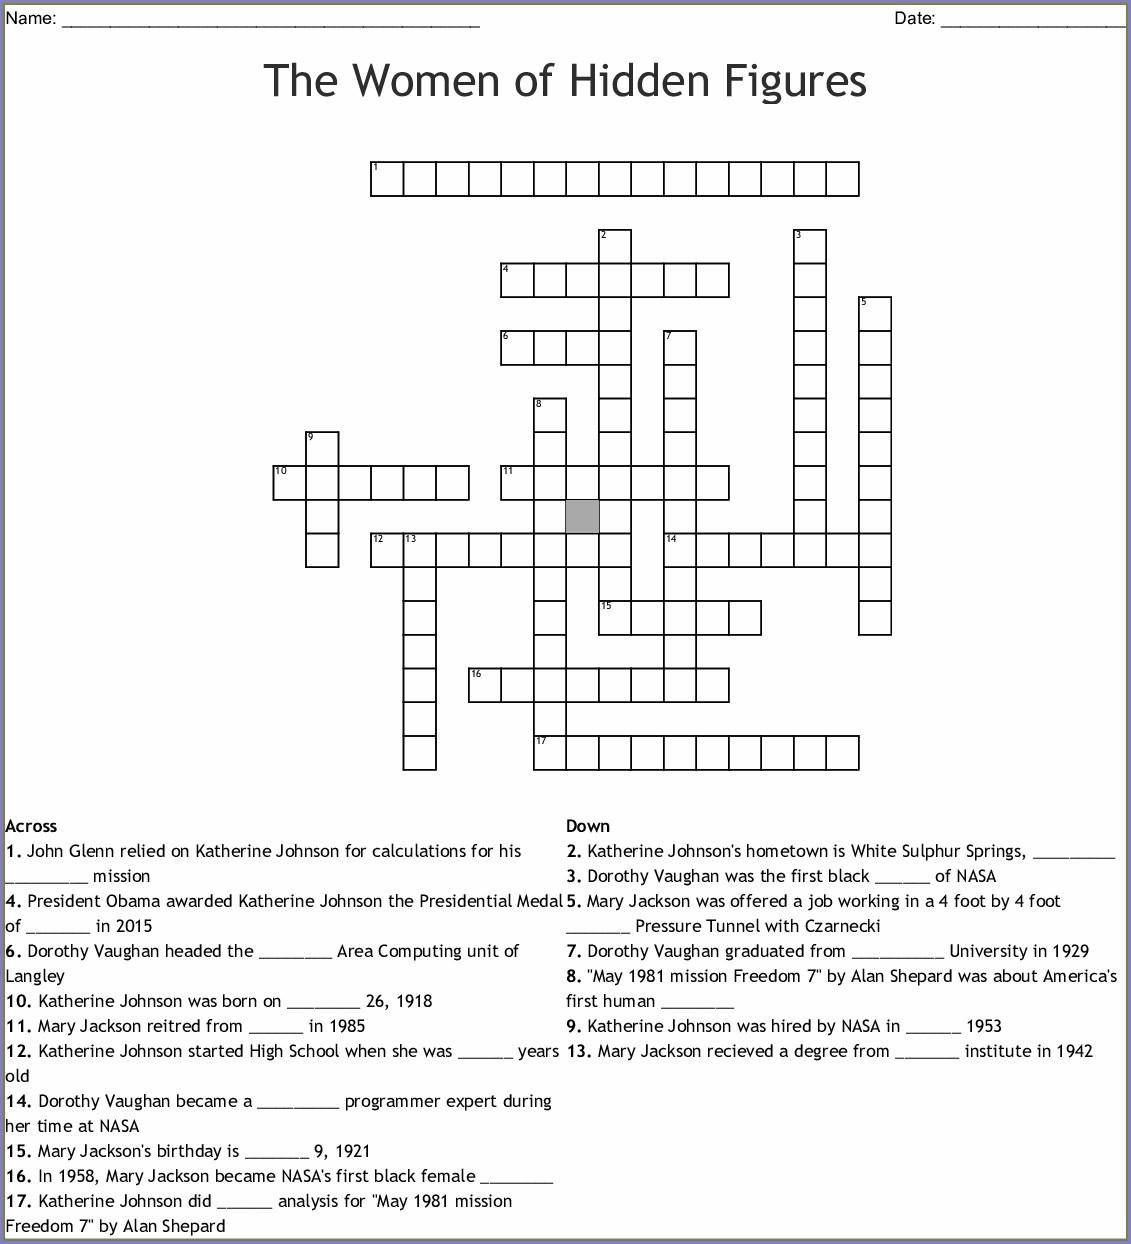 Math Worksheet 1 Function Versus Relation Answer Key